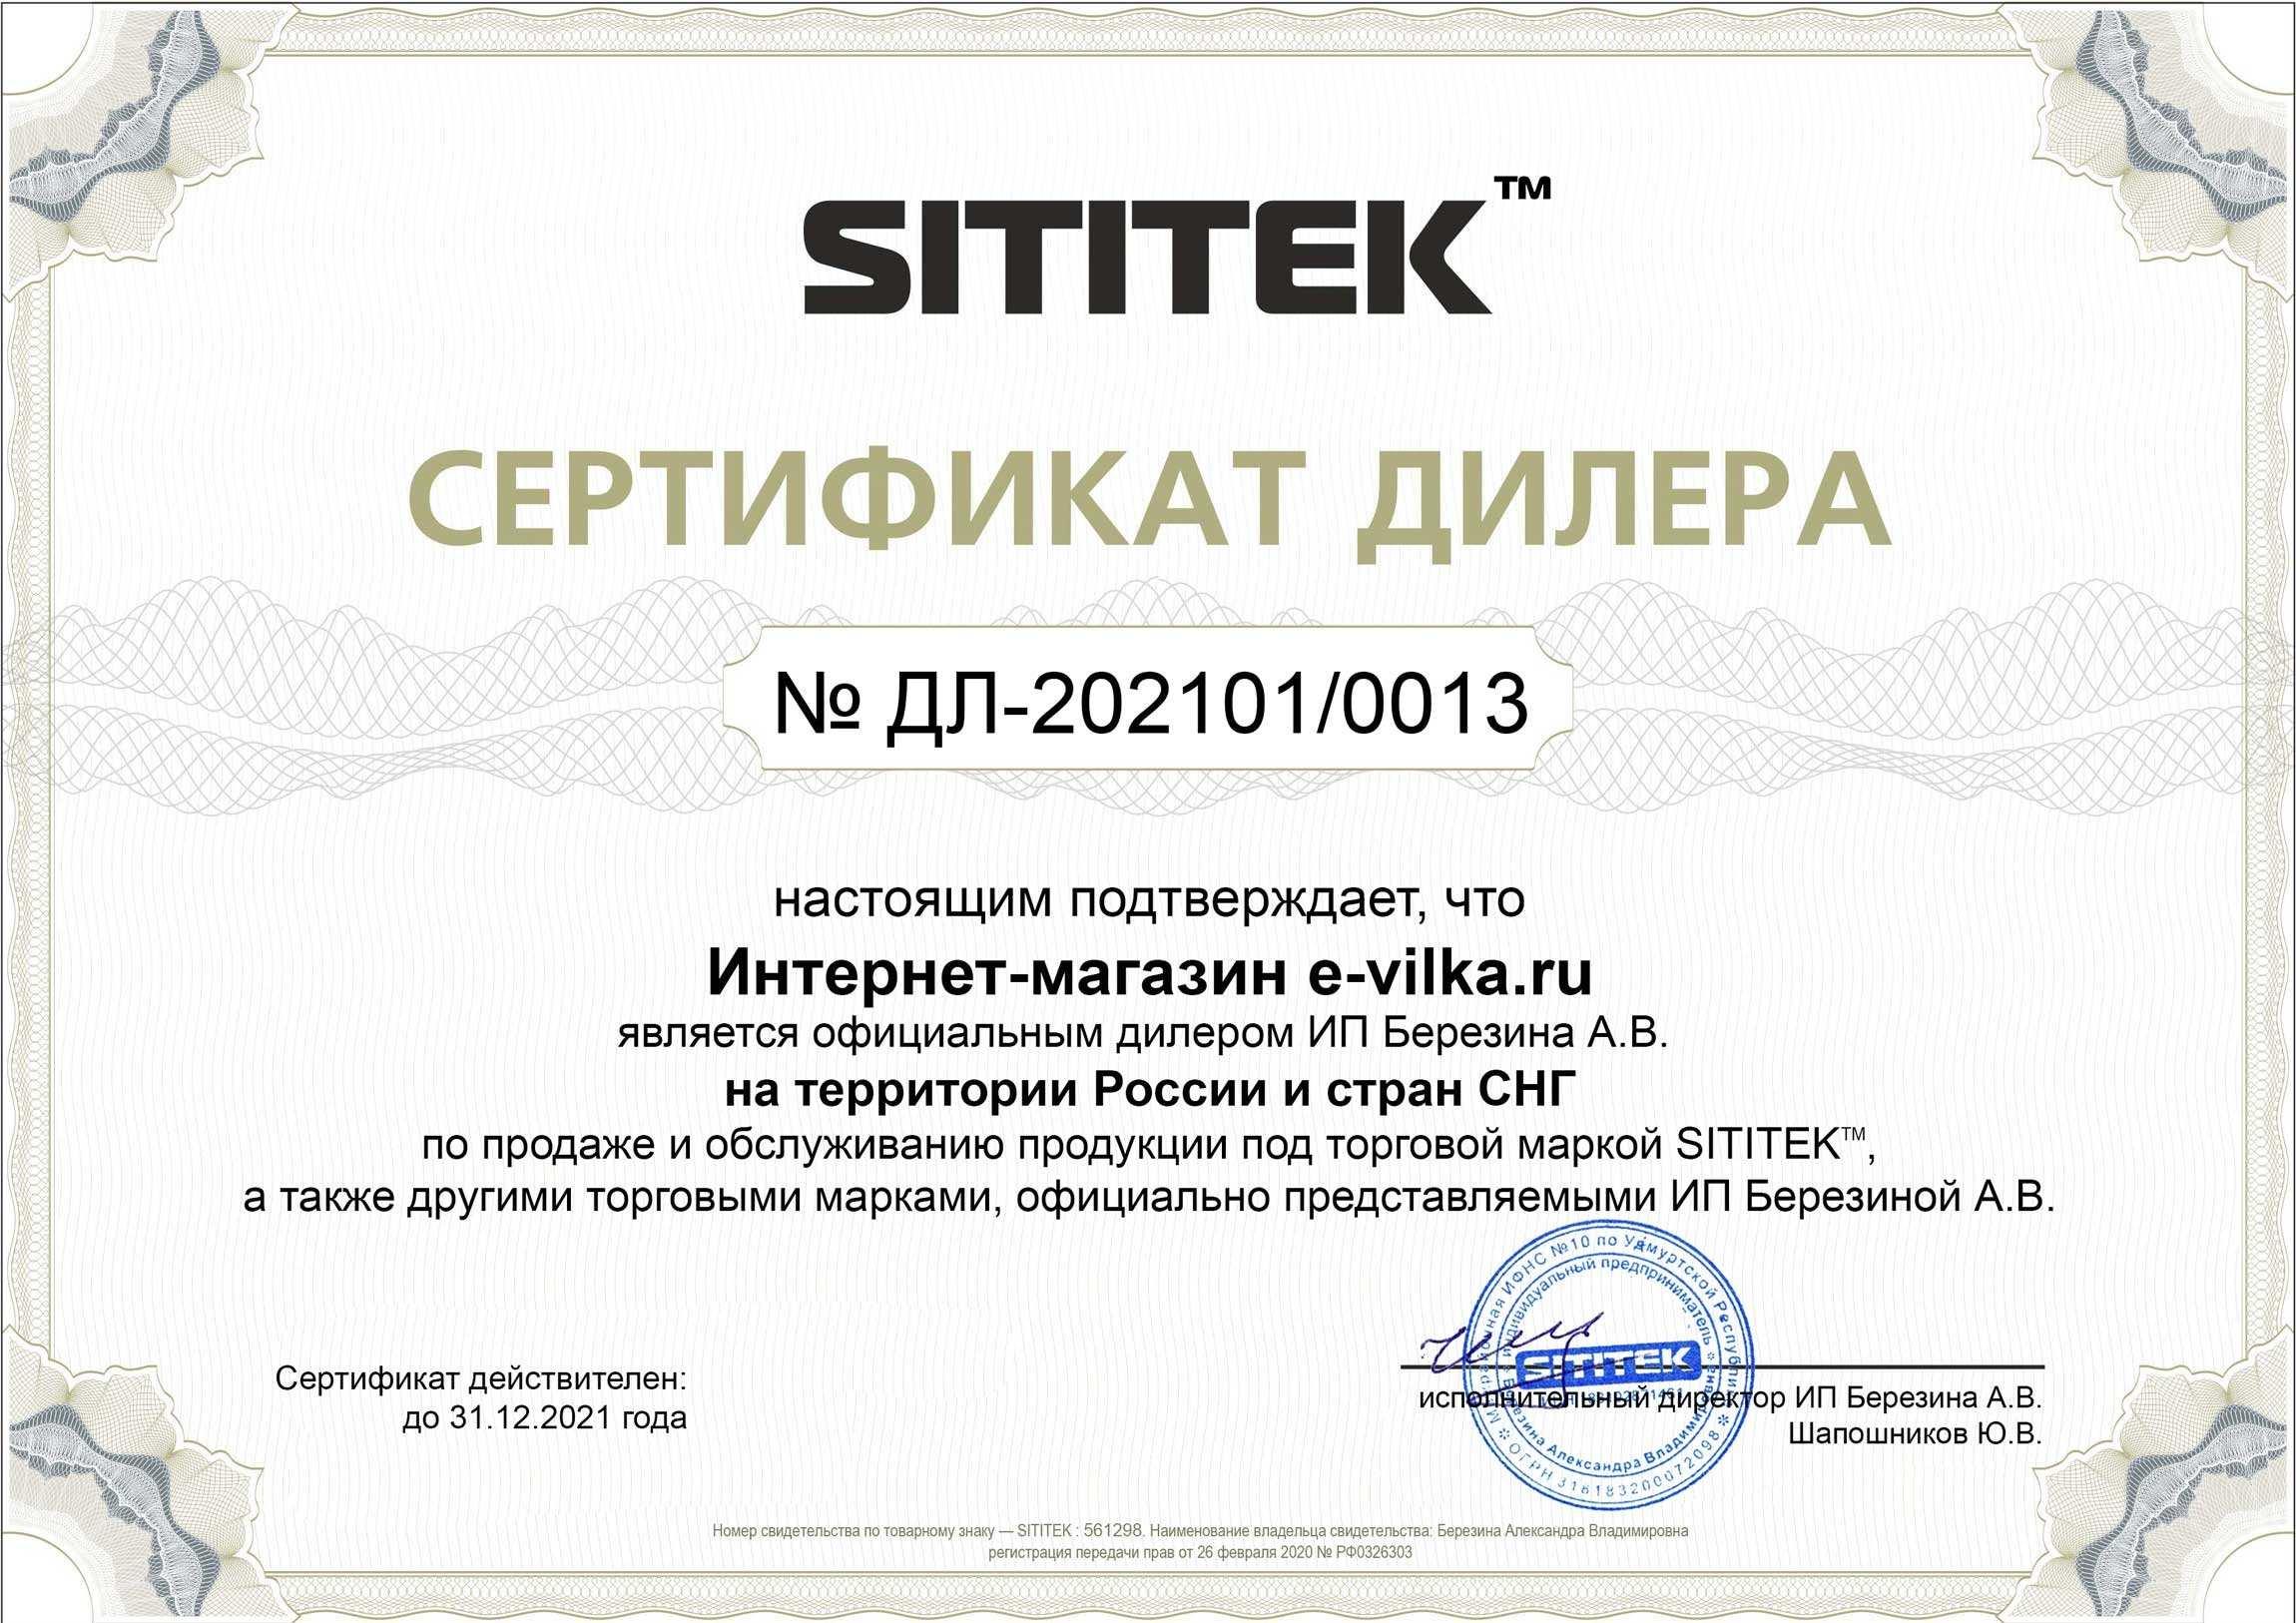 """Наш сайт является официальным дилером продукции компании """"Сититек"""""""